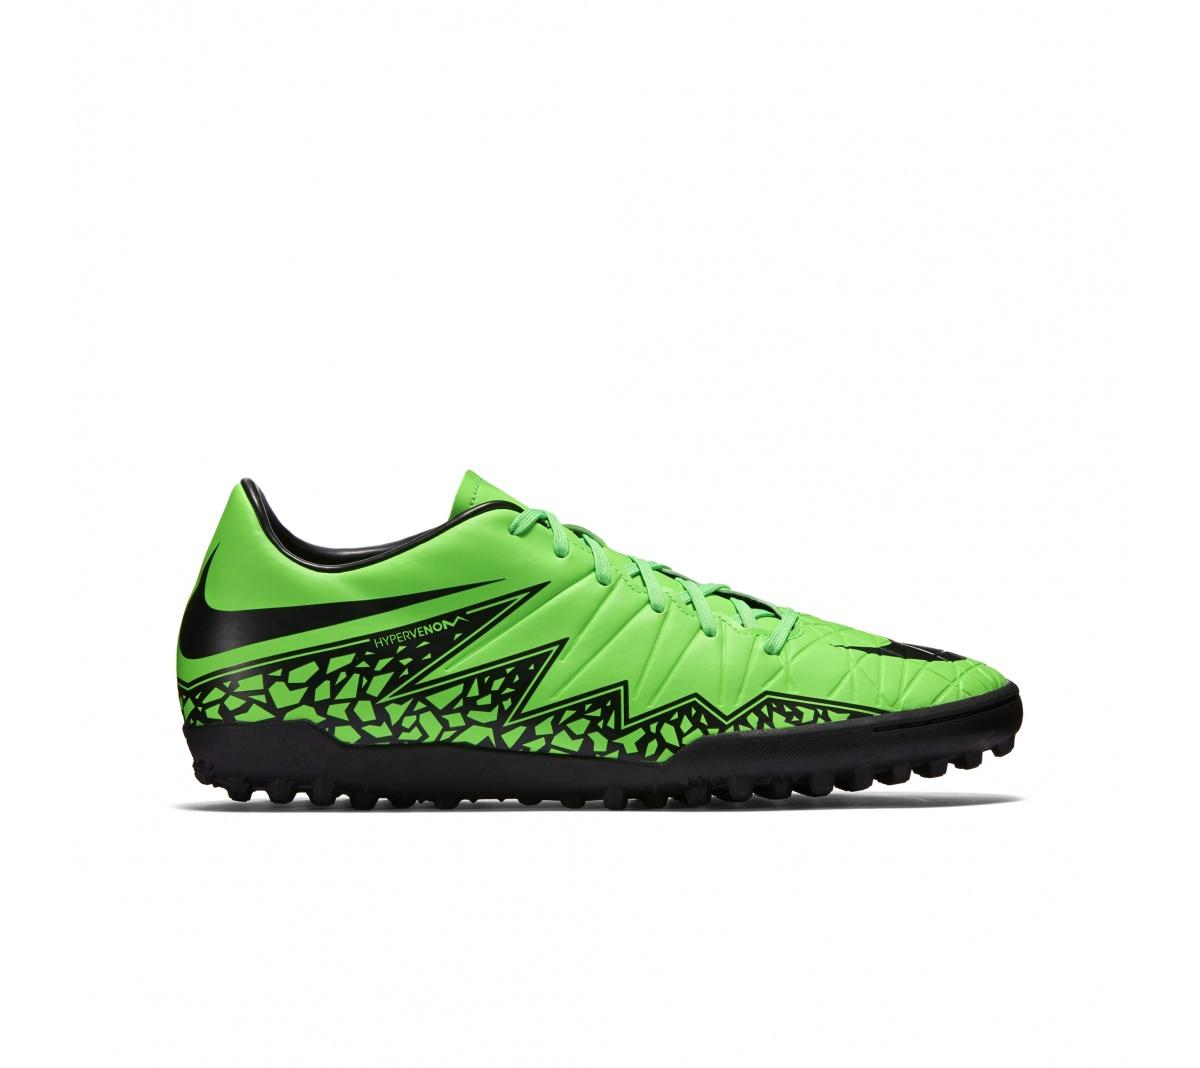 2eb026cb2c Chuteira Nike Hypervenom Phelon II Society Infantil Vd Pt - Mundo do ...